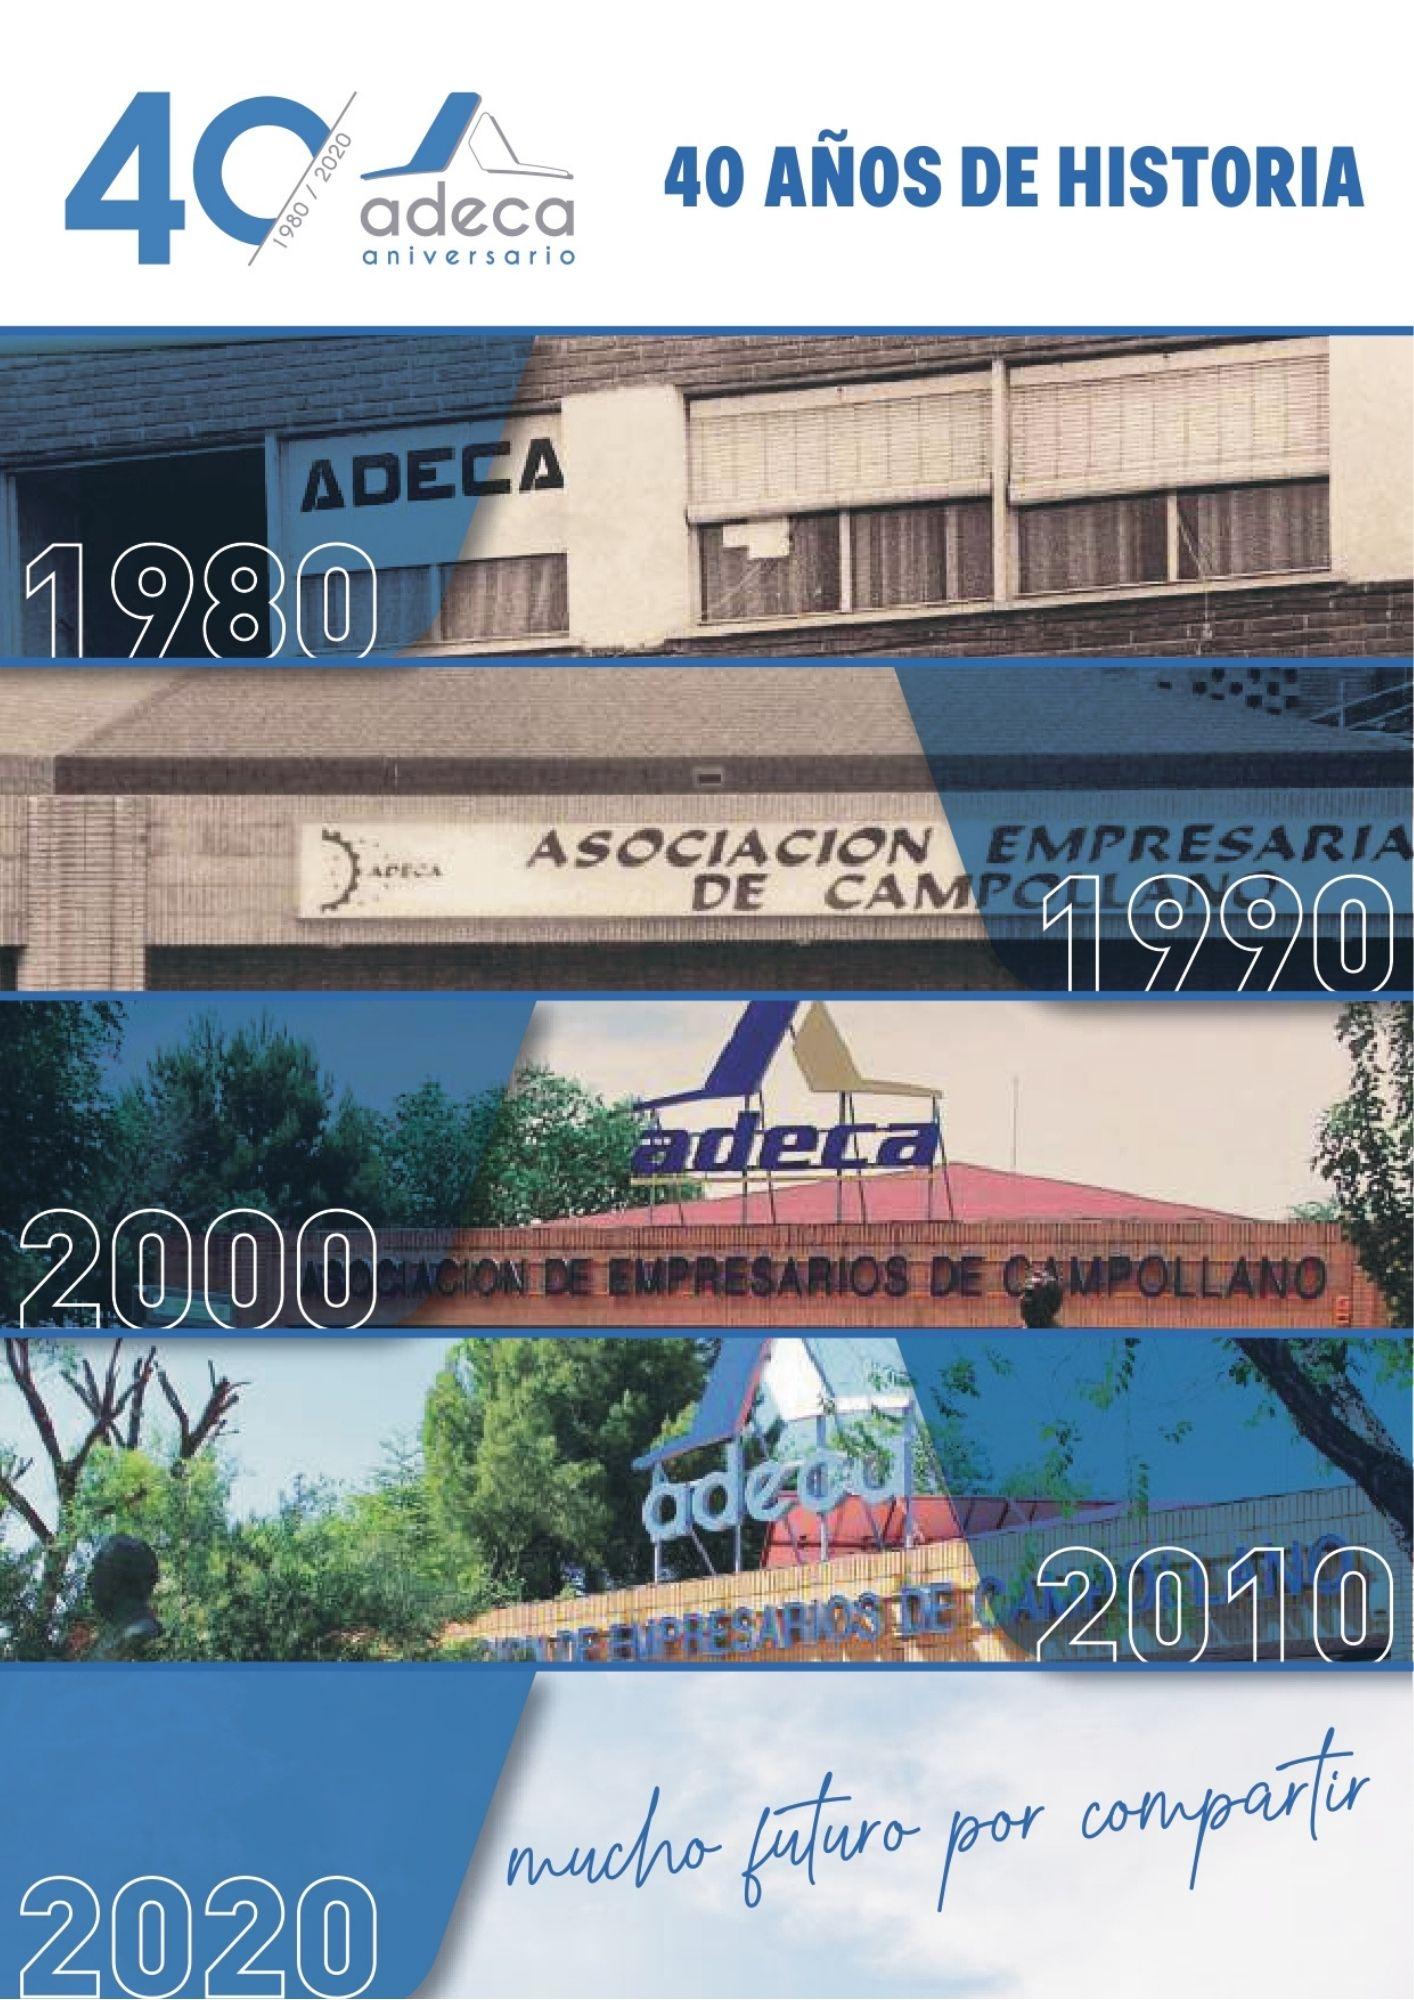 revista 40 aniversario ADECA